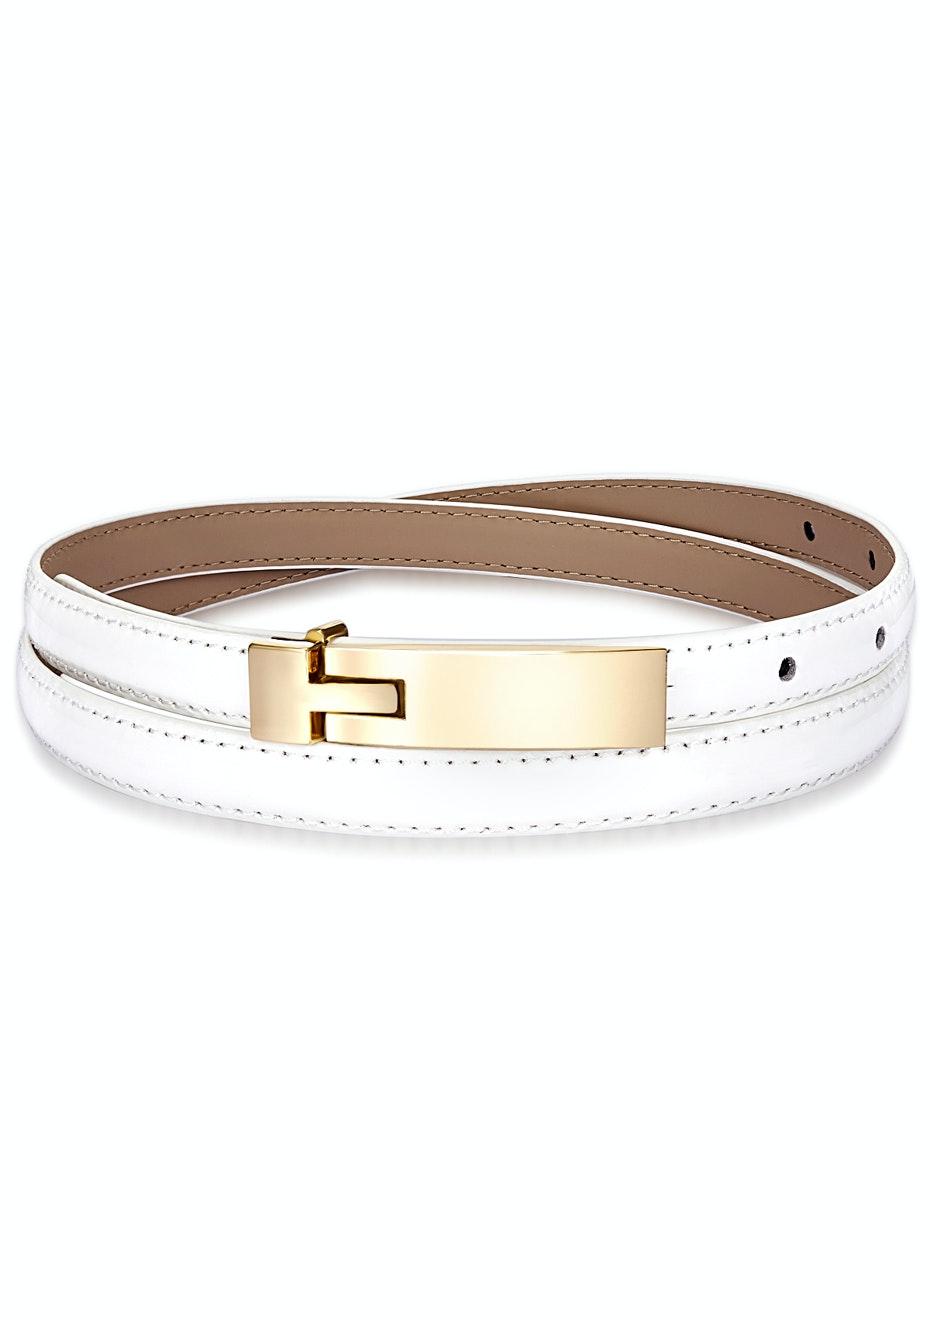 Genuine Cow Leather Skinny Waist Belt-Amelia white